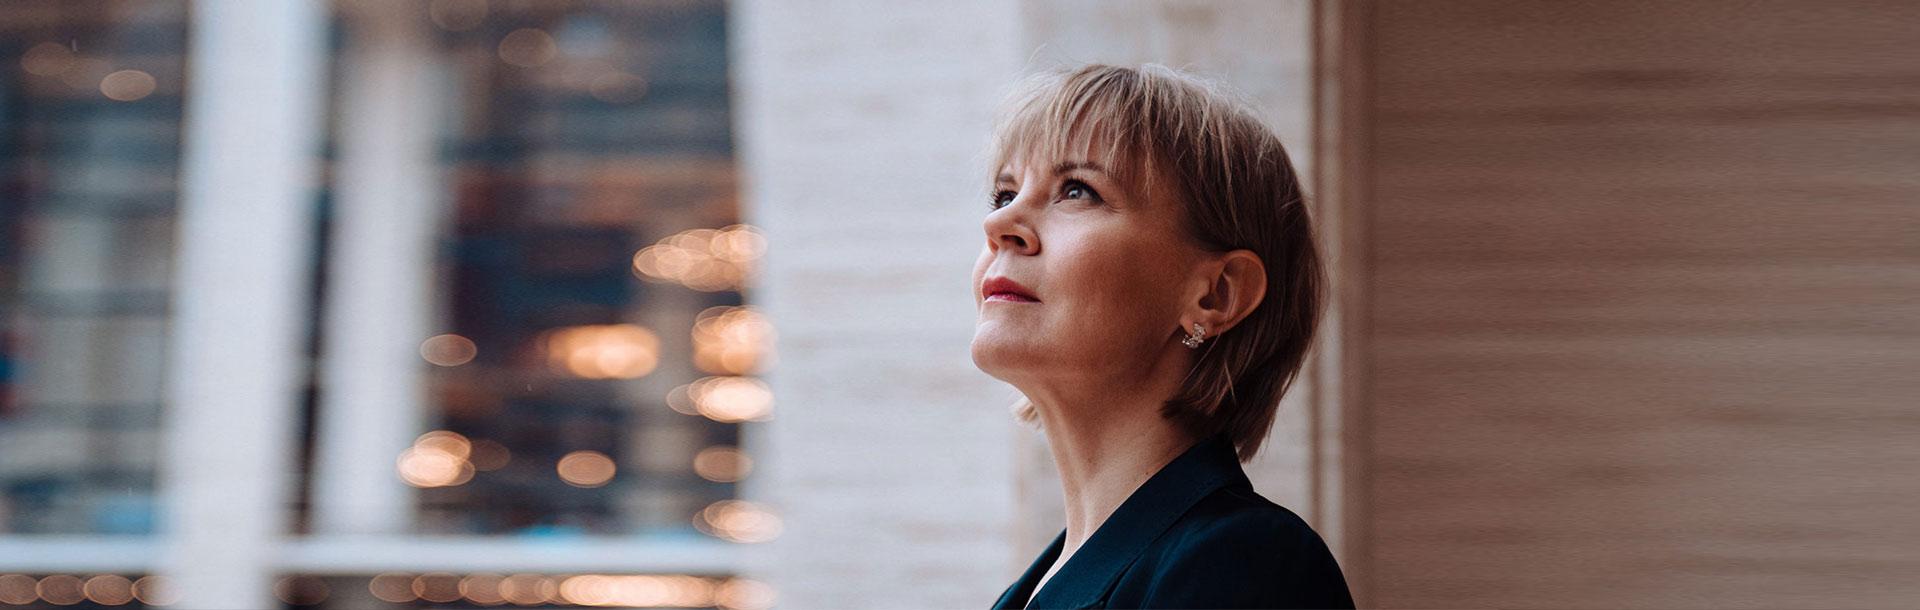 Susanna Mälkki et la Symphonie « Inachevée » de Schubert